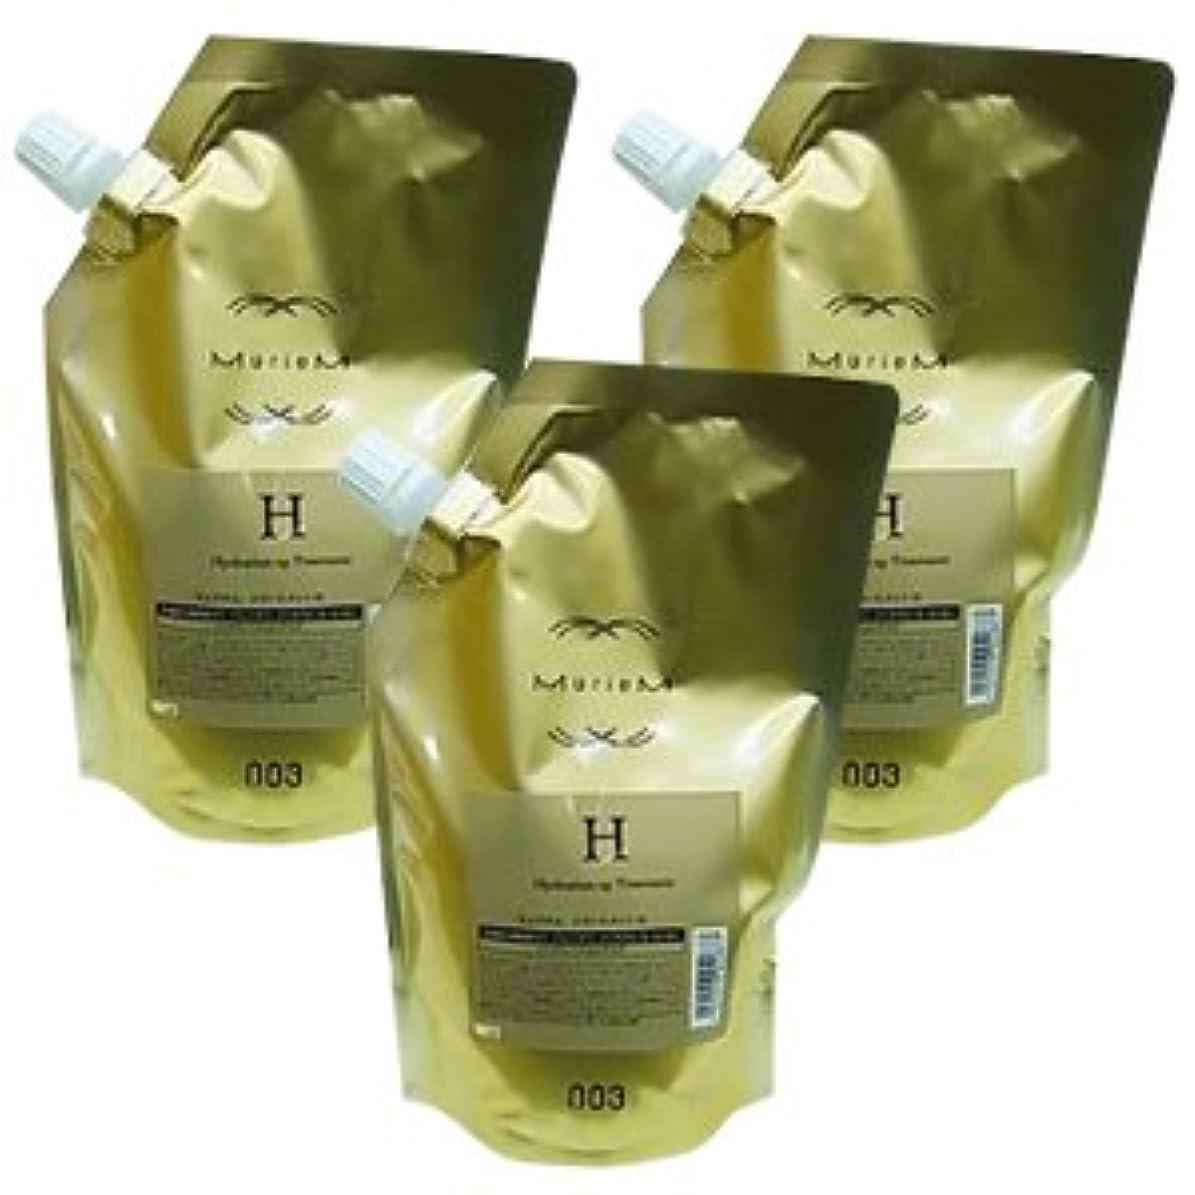 複数服用語集【X3個セット】 ナンバースリー ミュリアム ゴールド トリートメント H 500g 詰替え用